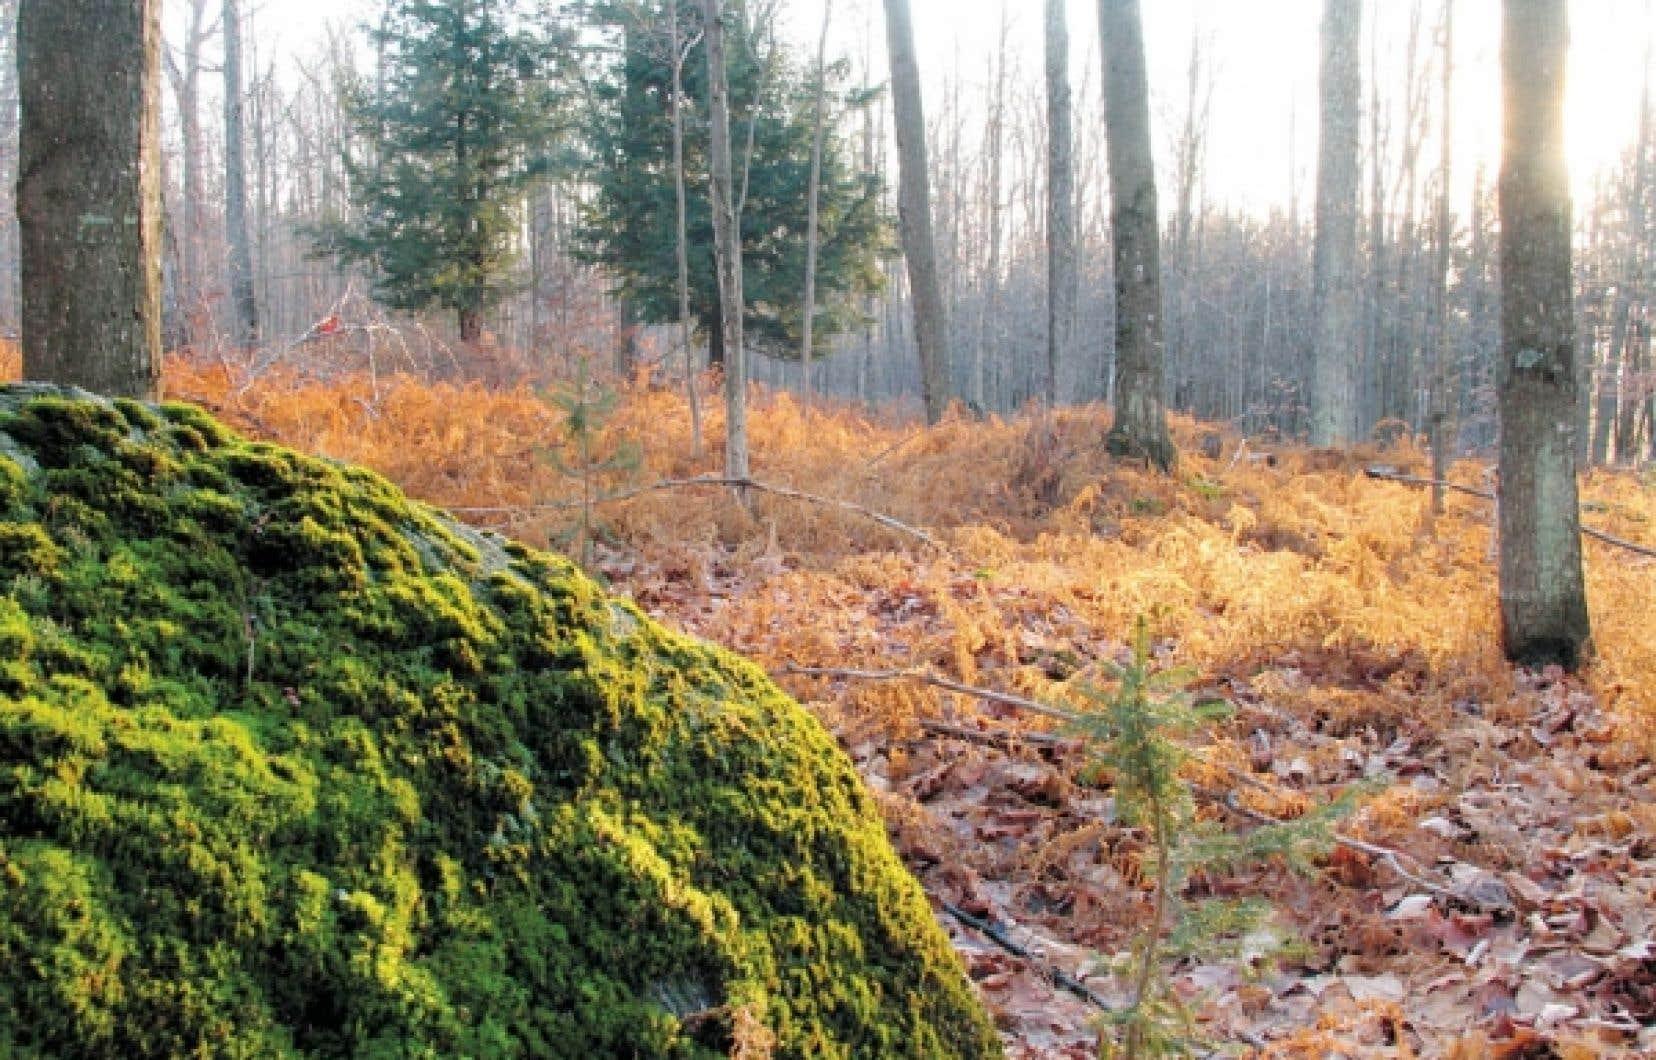 Paysage forestier à Sutton. Des marchands de bois, propriétaires de vastes terrains boisés à Sutton, ont vainement tenté de faire annuler un règlement municipal sur la gestion de la forêt.